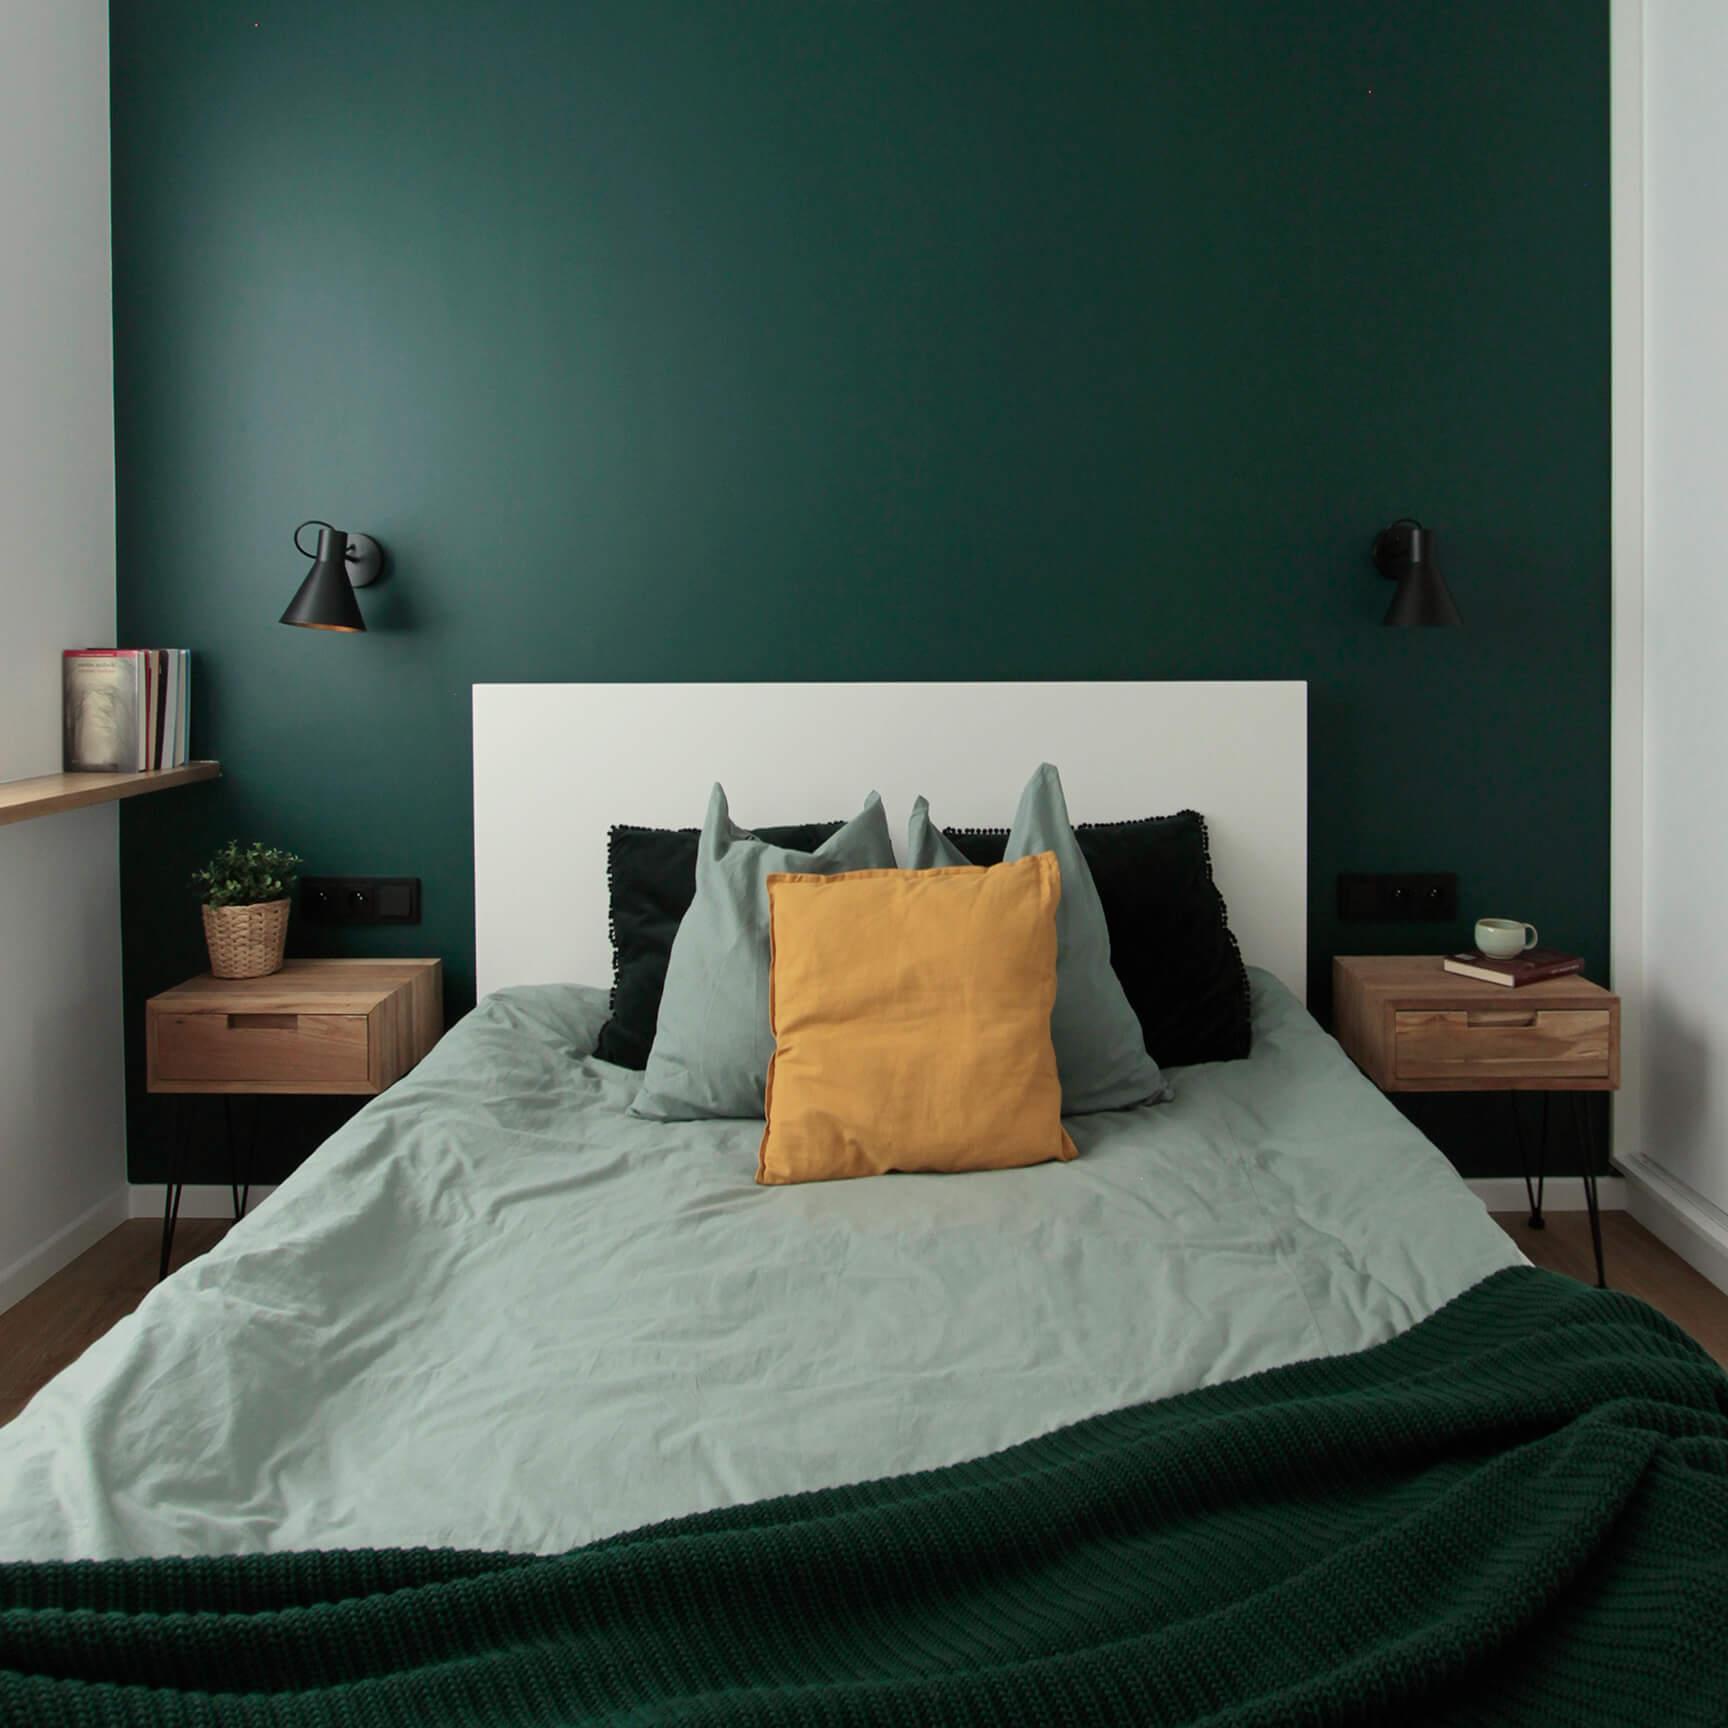 Projekt wnętrza mieszkania wraz z nadzorem nad realizacją. Sypialnia w mieszkaniu 39 m2. Zielony kolor pojawia się w sypialni na ścianie za zagłówkiem. To ważny akcent, widoczny również z salonu. Z sypialnią łączą go przesuwne drzwi, które na co dzień będą najczęściej otwarte. Szafy na zamówienie pozwalają na maksymalne wykorzystanie przestrzeni do przechowywania, a drzwi przesuwne oszczędzają miejsce. Dodatkowo wiele można tu schować również pod łóżkiem z podnoszonym stelażem.